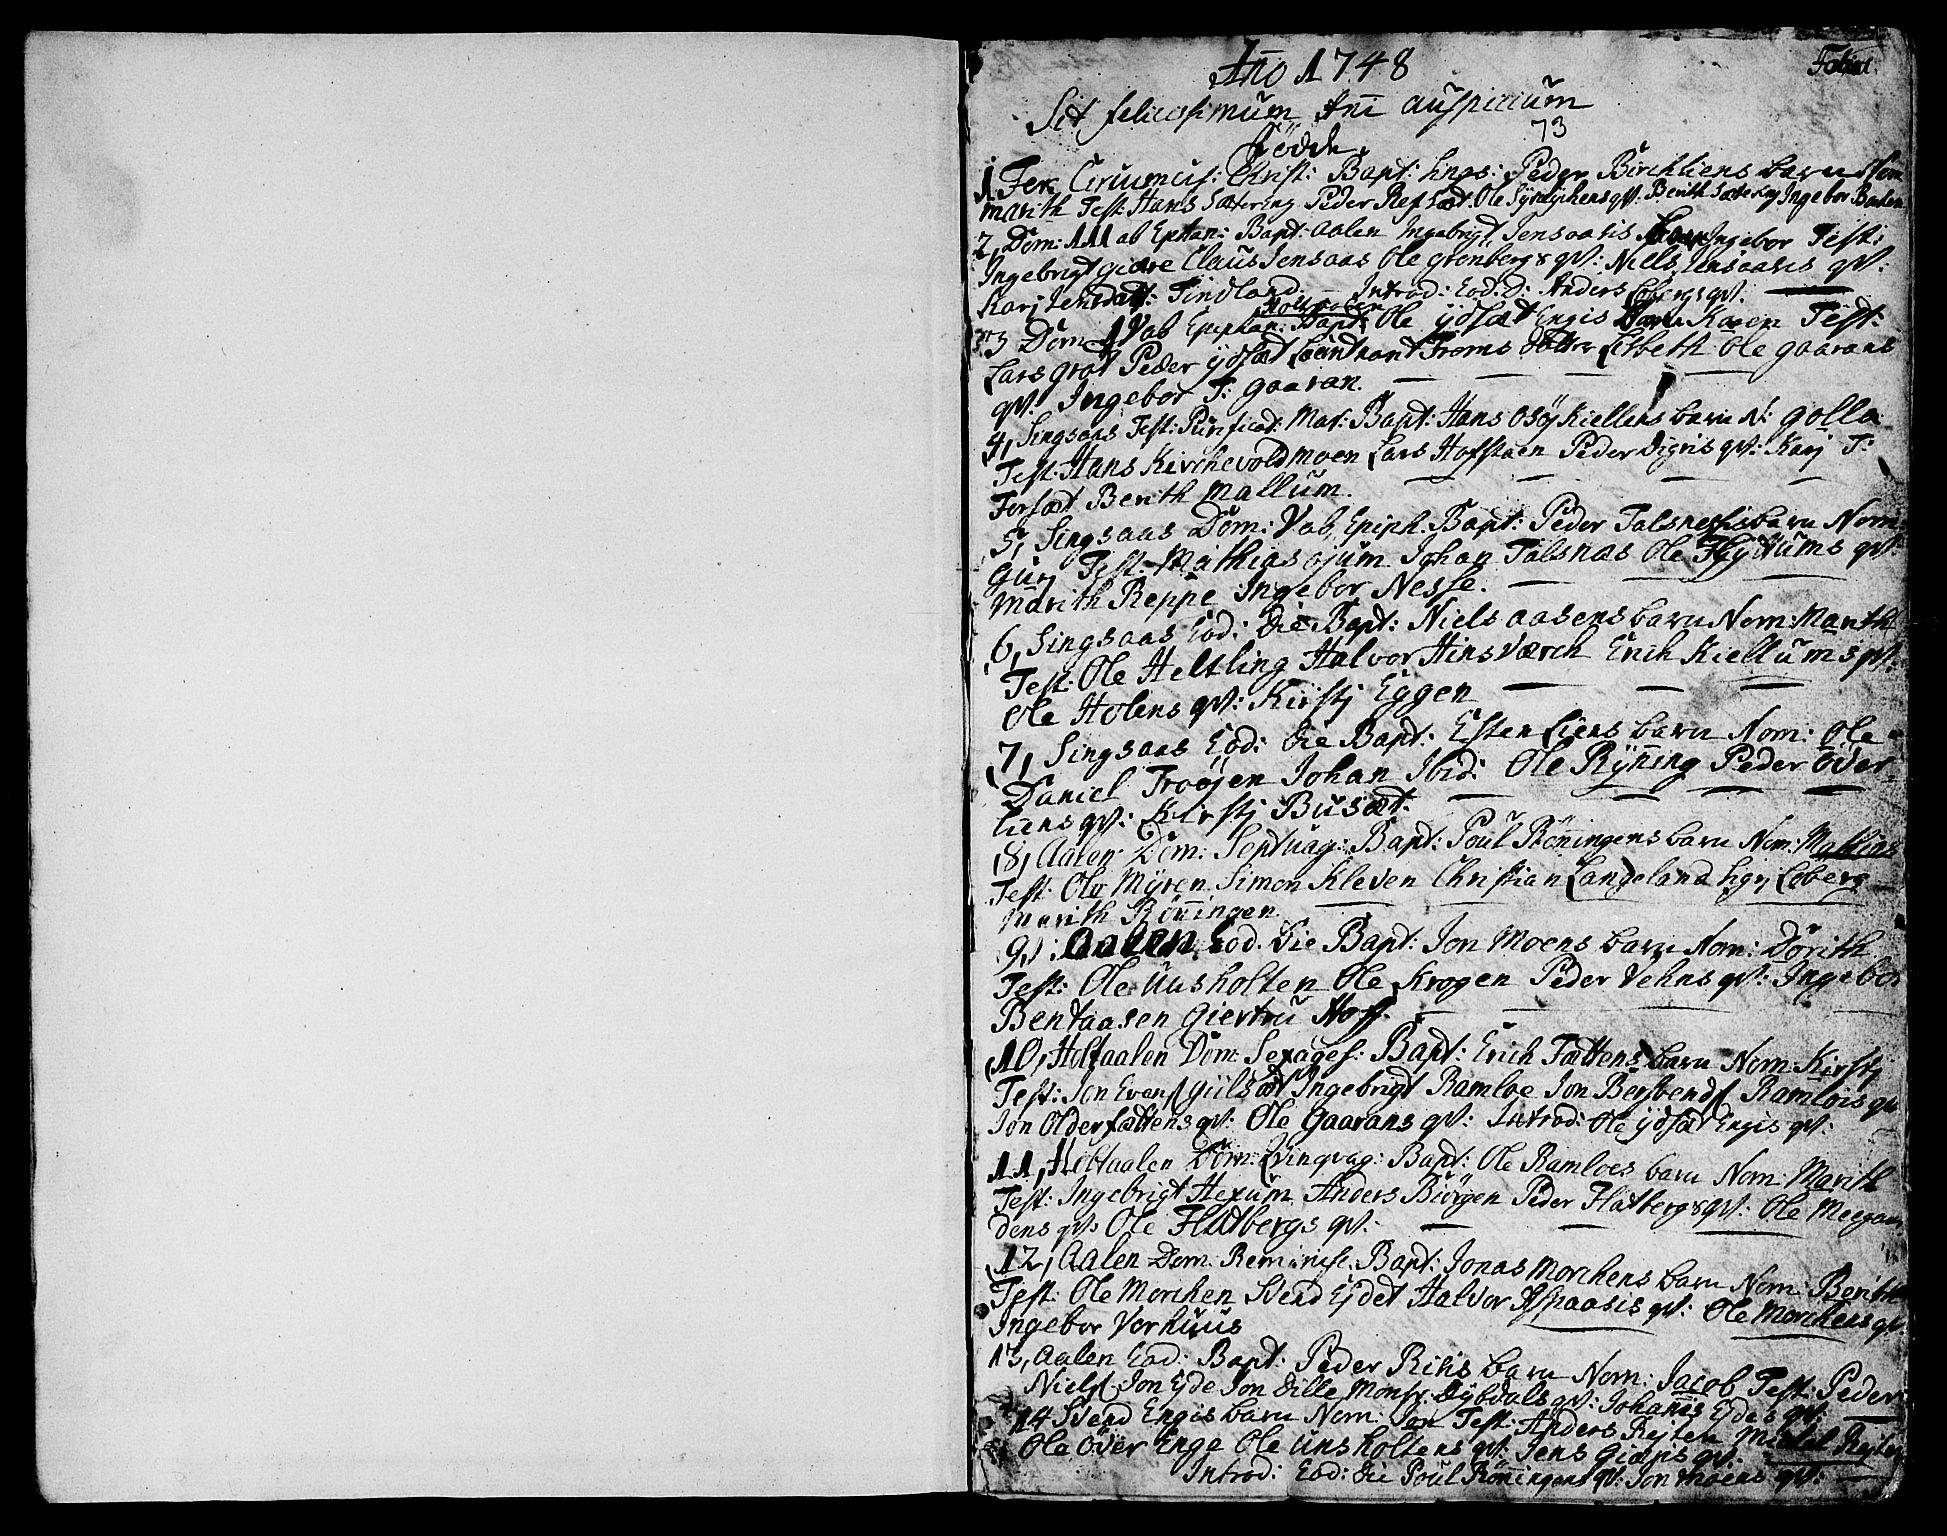 SAT, Ministerialprotokoller, klokkerbøker og fødselsregistre - Sør-Trøndelag, 685/L0952: Ministerialbok nr. 685A01, 1745-1804, s. 1